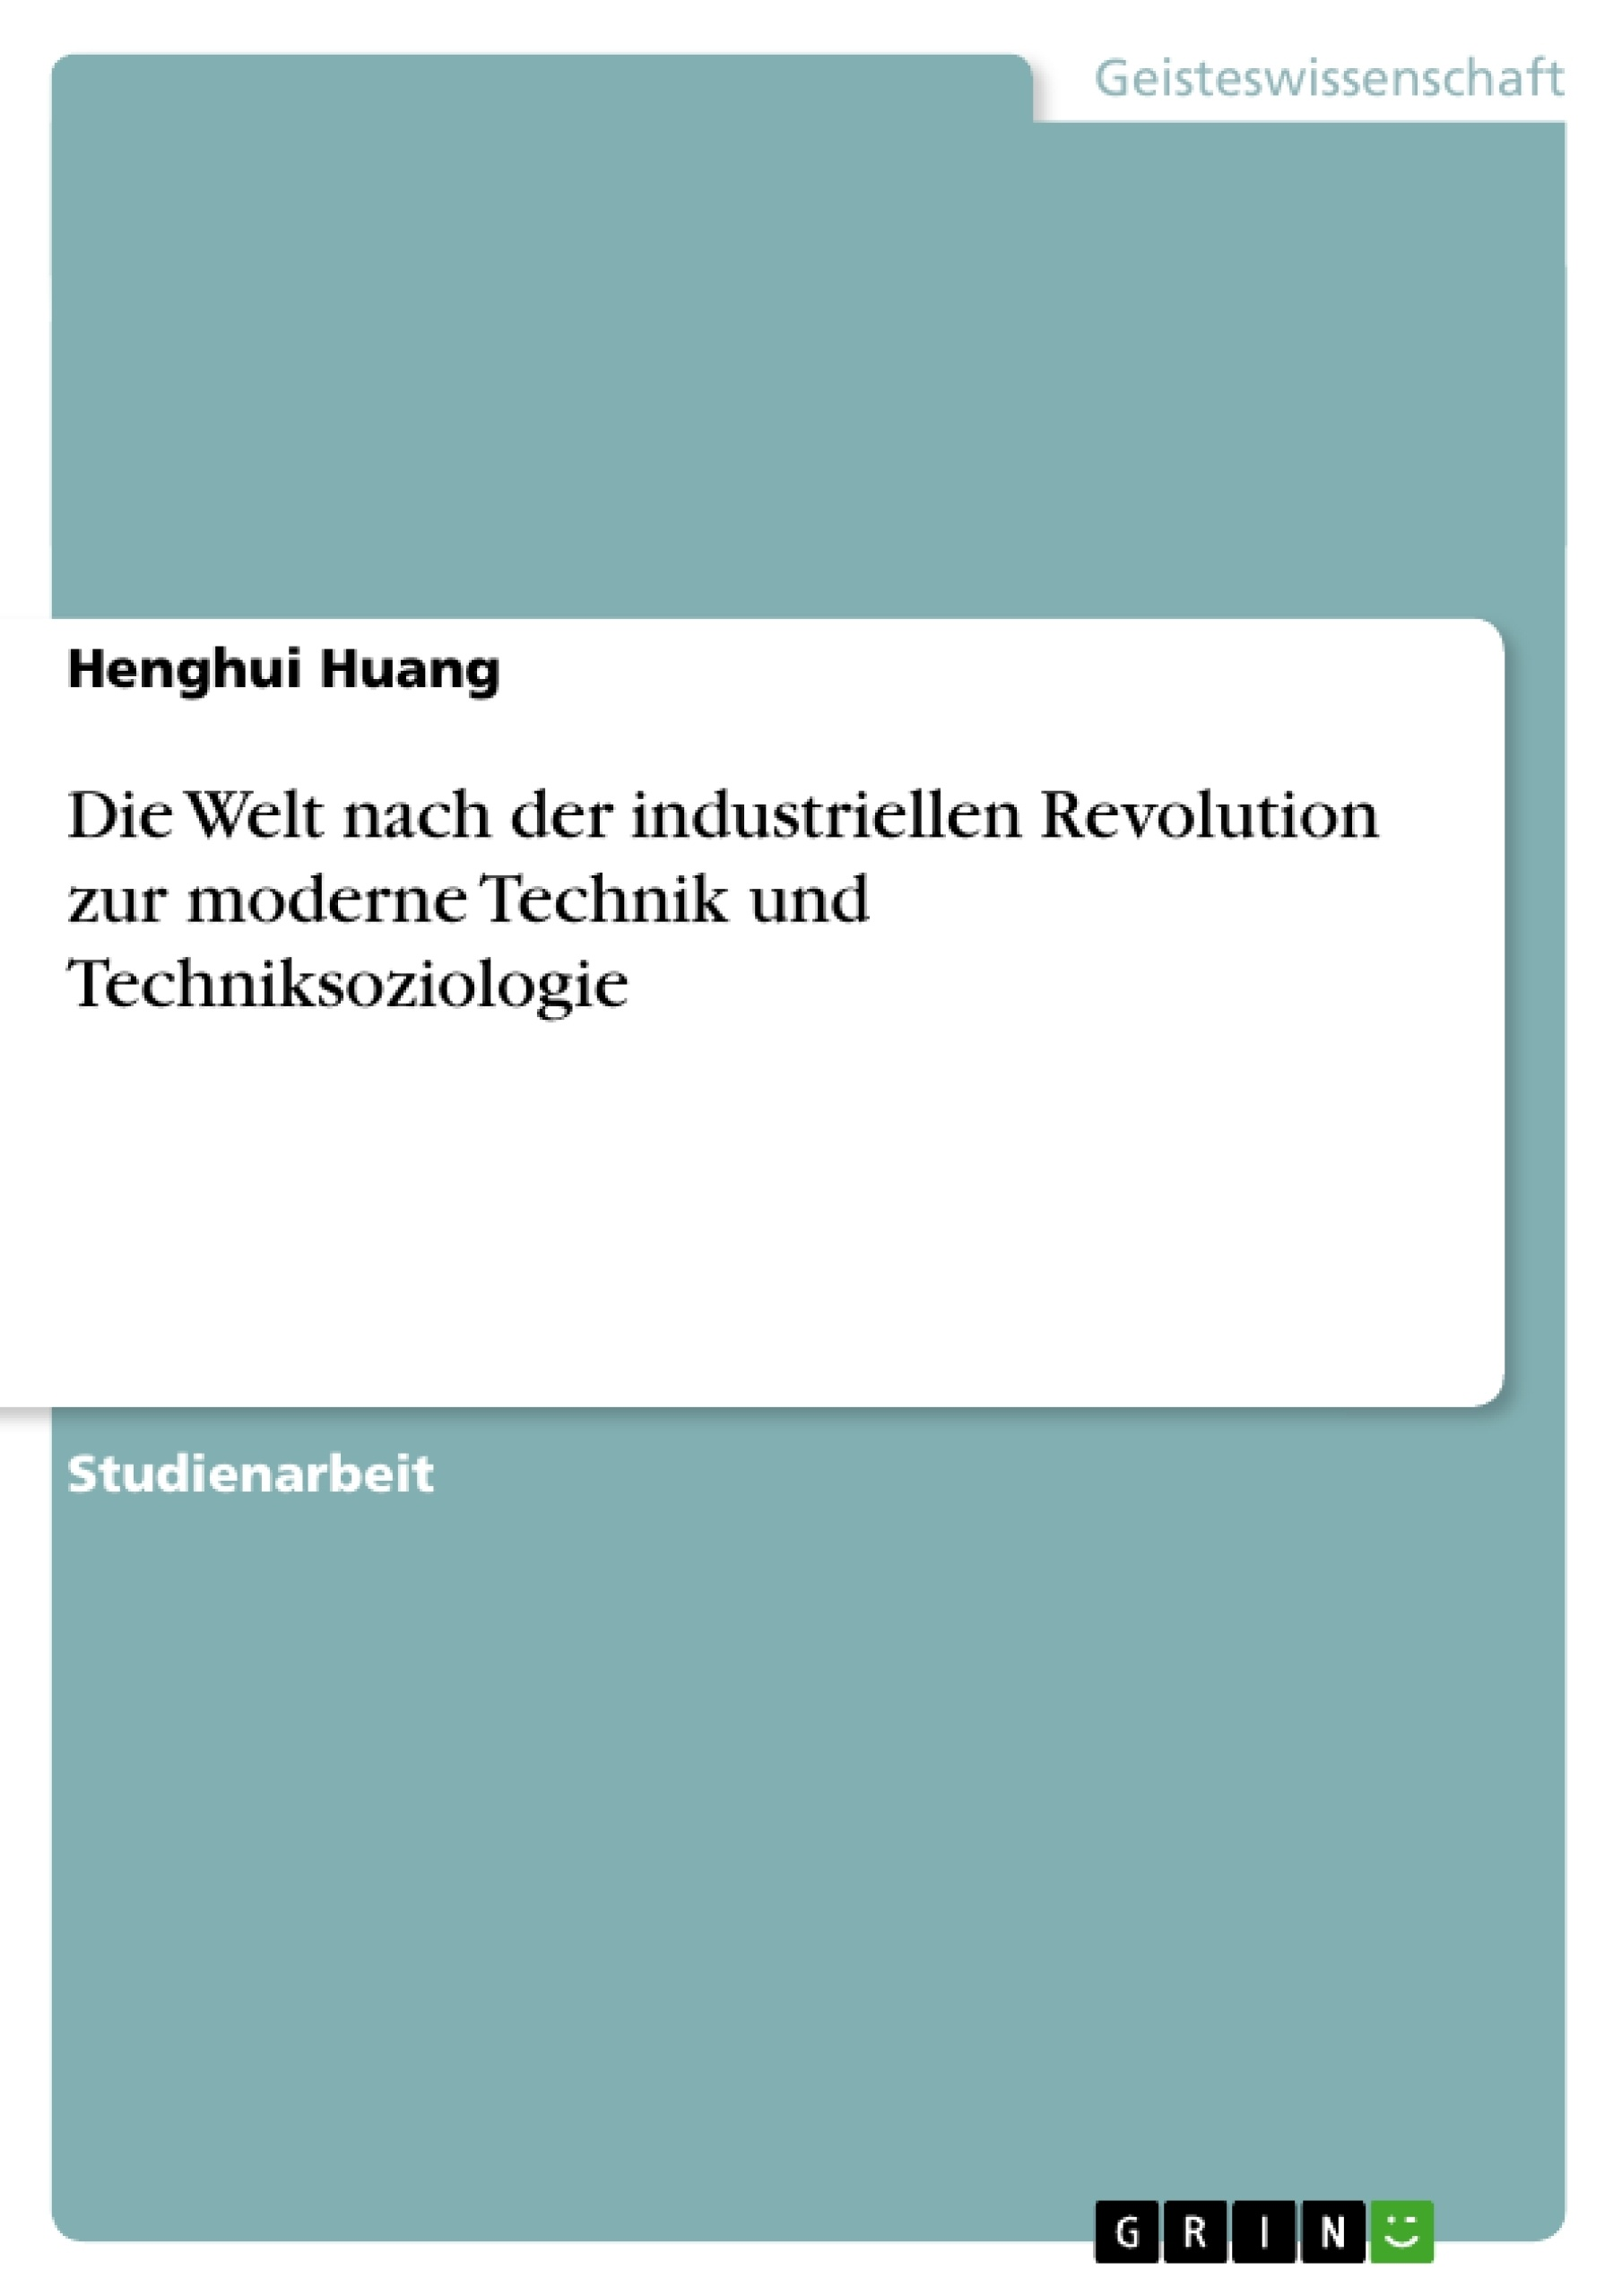 Titel: Die Welt nach der industriellen Revolution  zur moderne Technik und Techniksoziologie